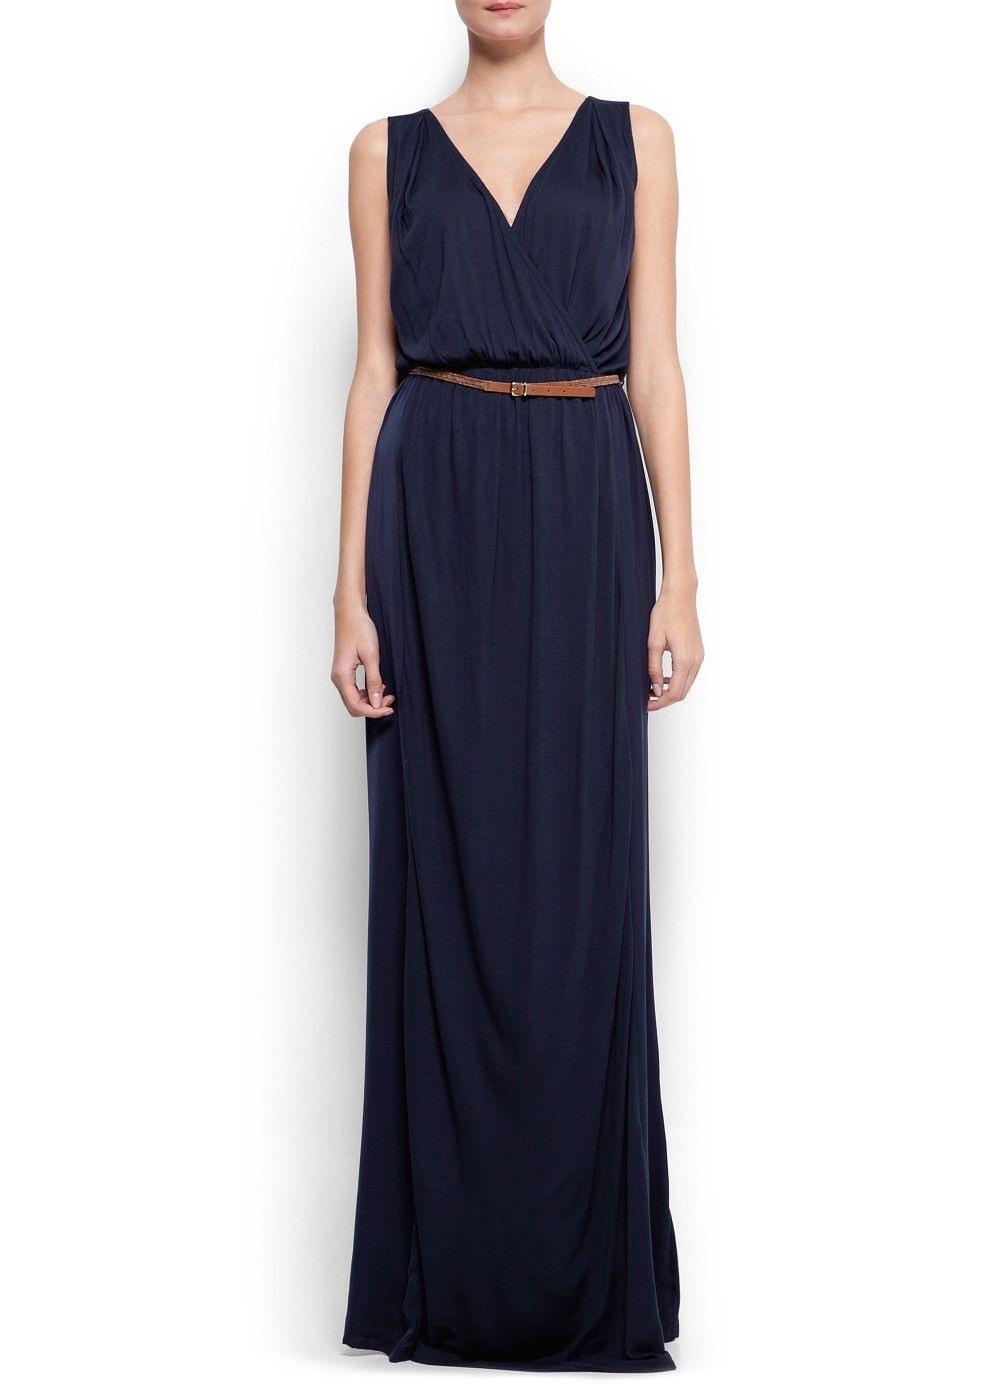 13 Genial Schlichtes Langes Kleid Bester Preis10 Schön Schlichtes Langes Kleid Boutique